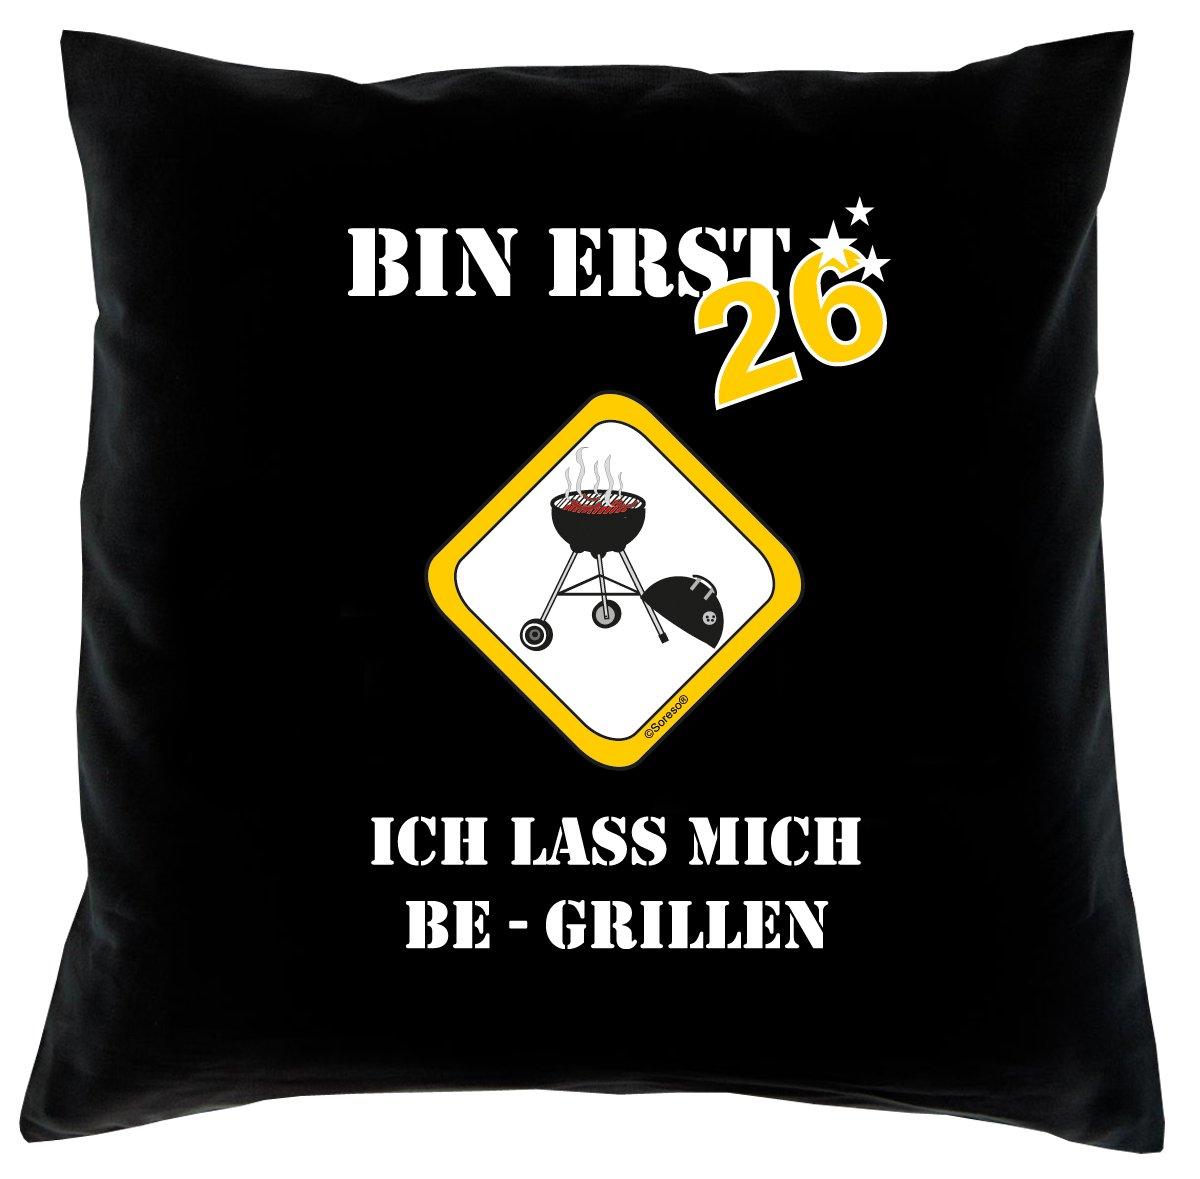 26. Geburtstag Kissen, Sitzkissen, Sofakissen, Dekokissen Bin erst 26! Farbe: Schwarz komplett mit Füllung 40x40cm Größe: 40x40cm